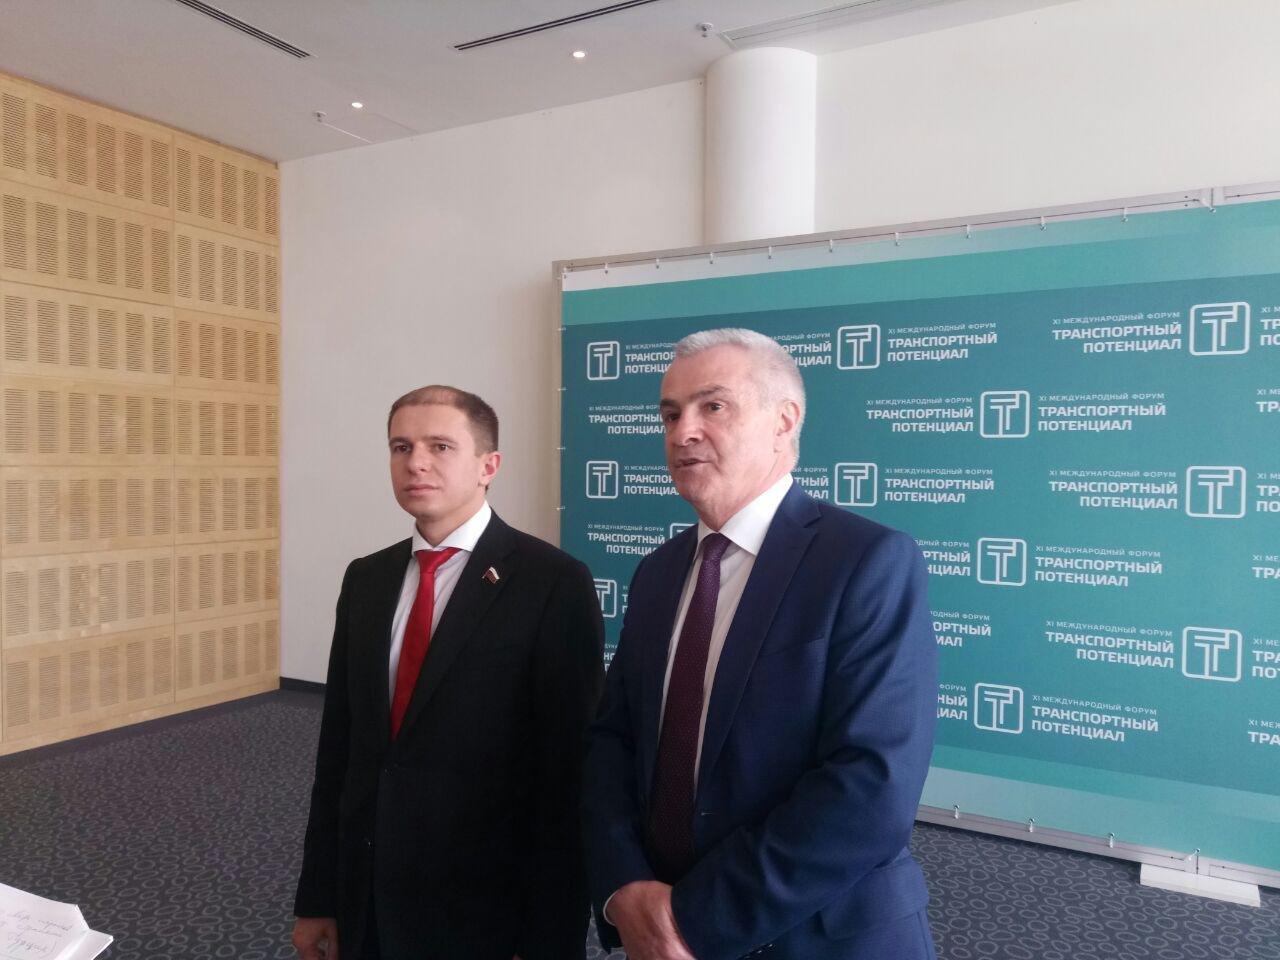 На форуме «Транспортный потенциал» в Петербурге поговорили о выгоде антироссийских санкций